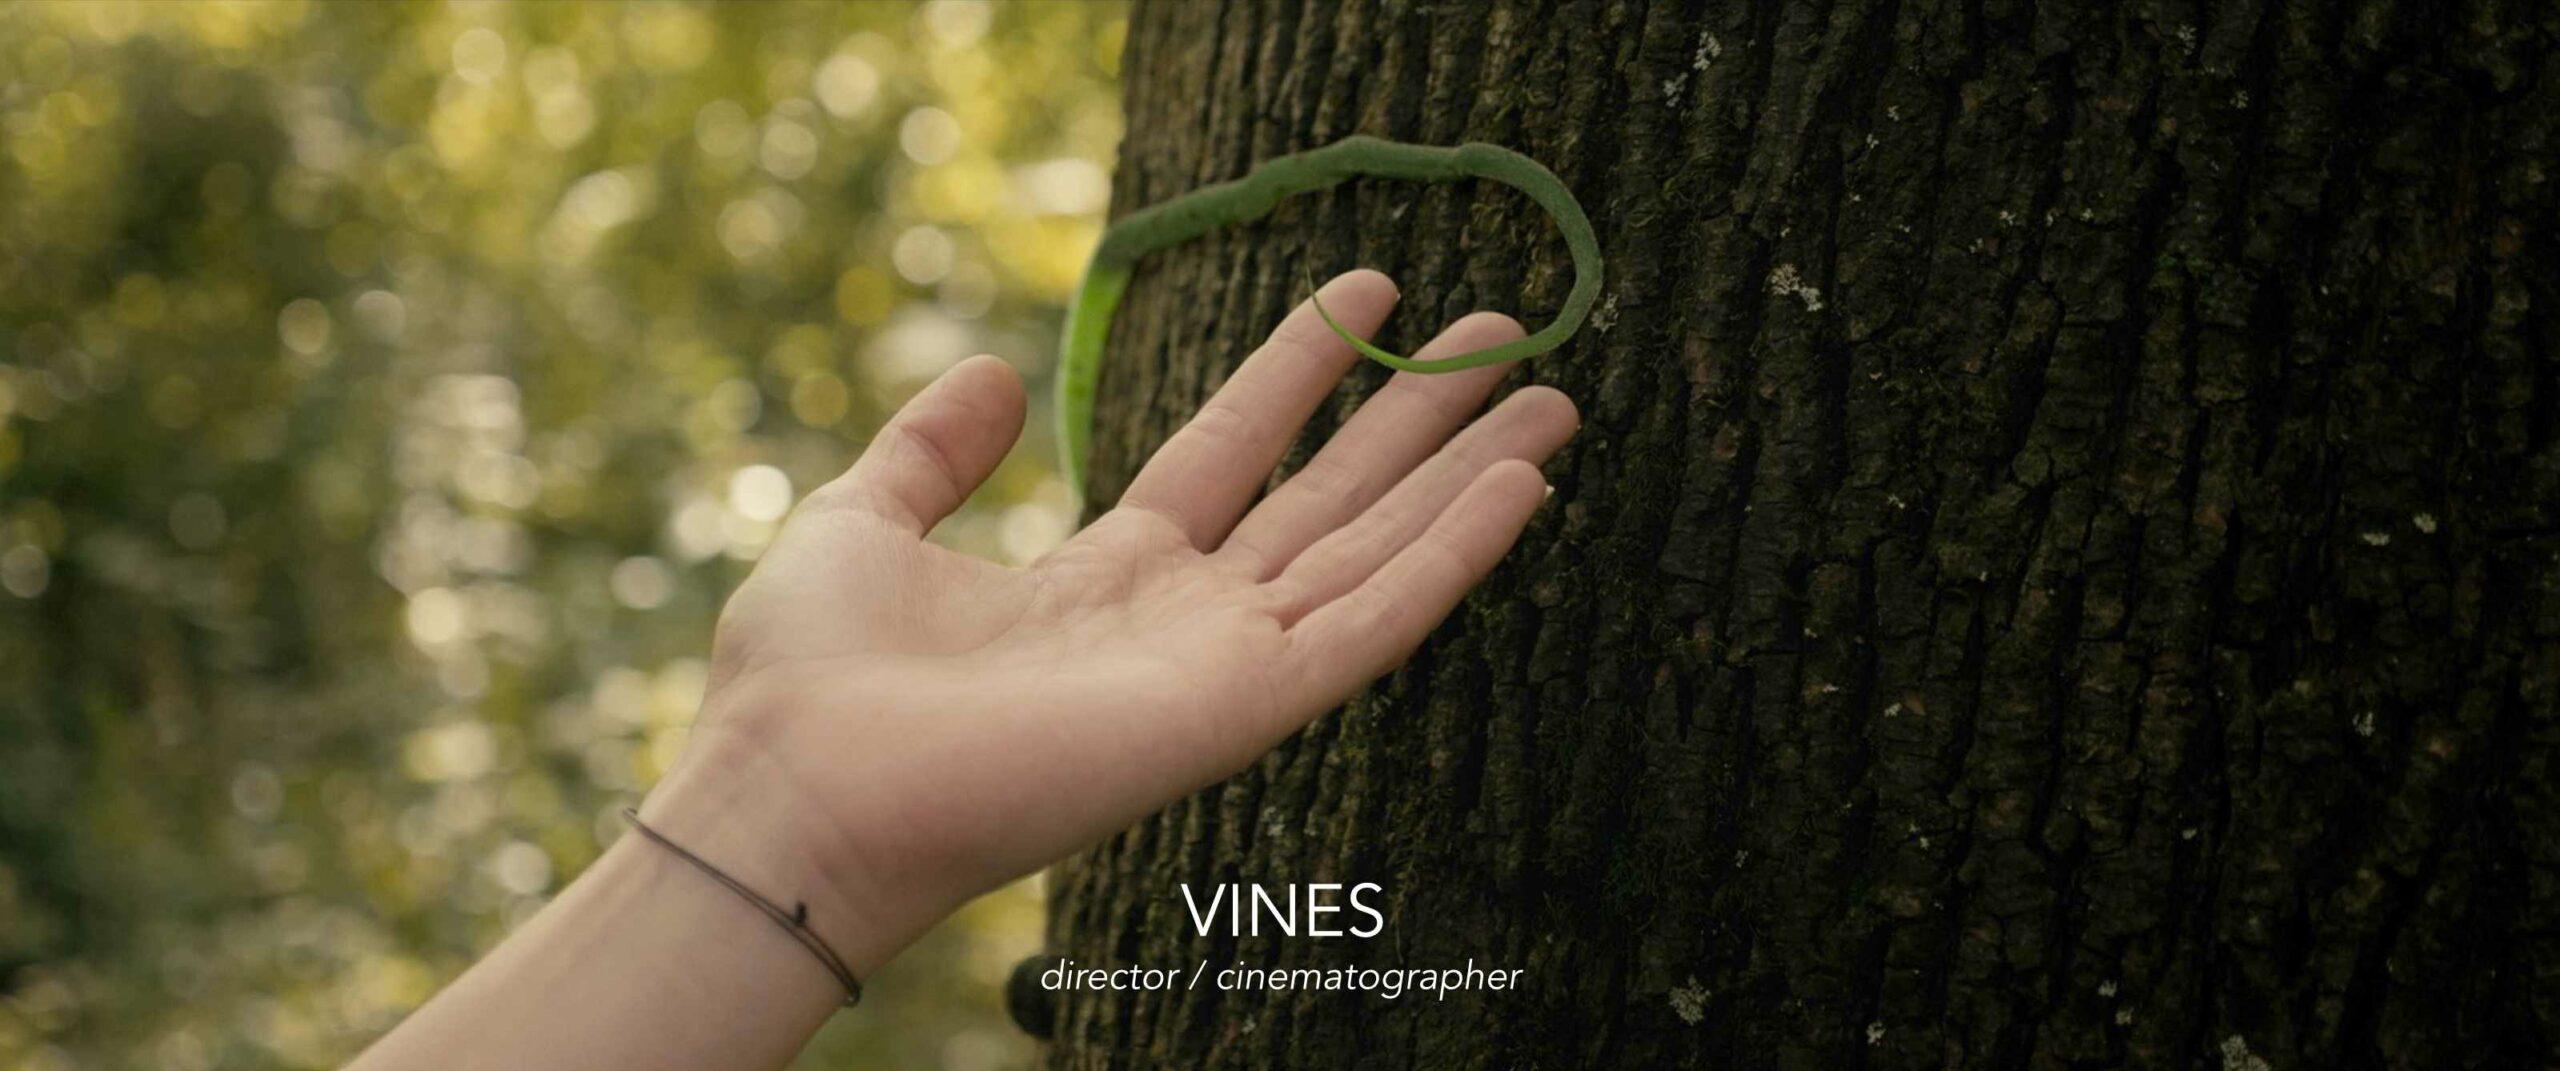 Vines - Regie / Directed by Sören Schulz